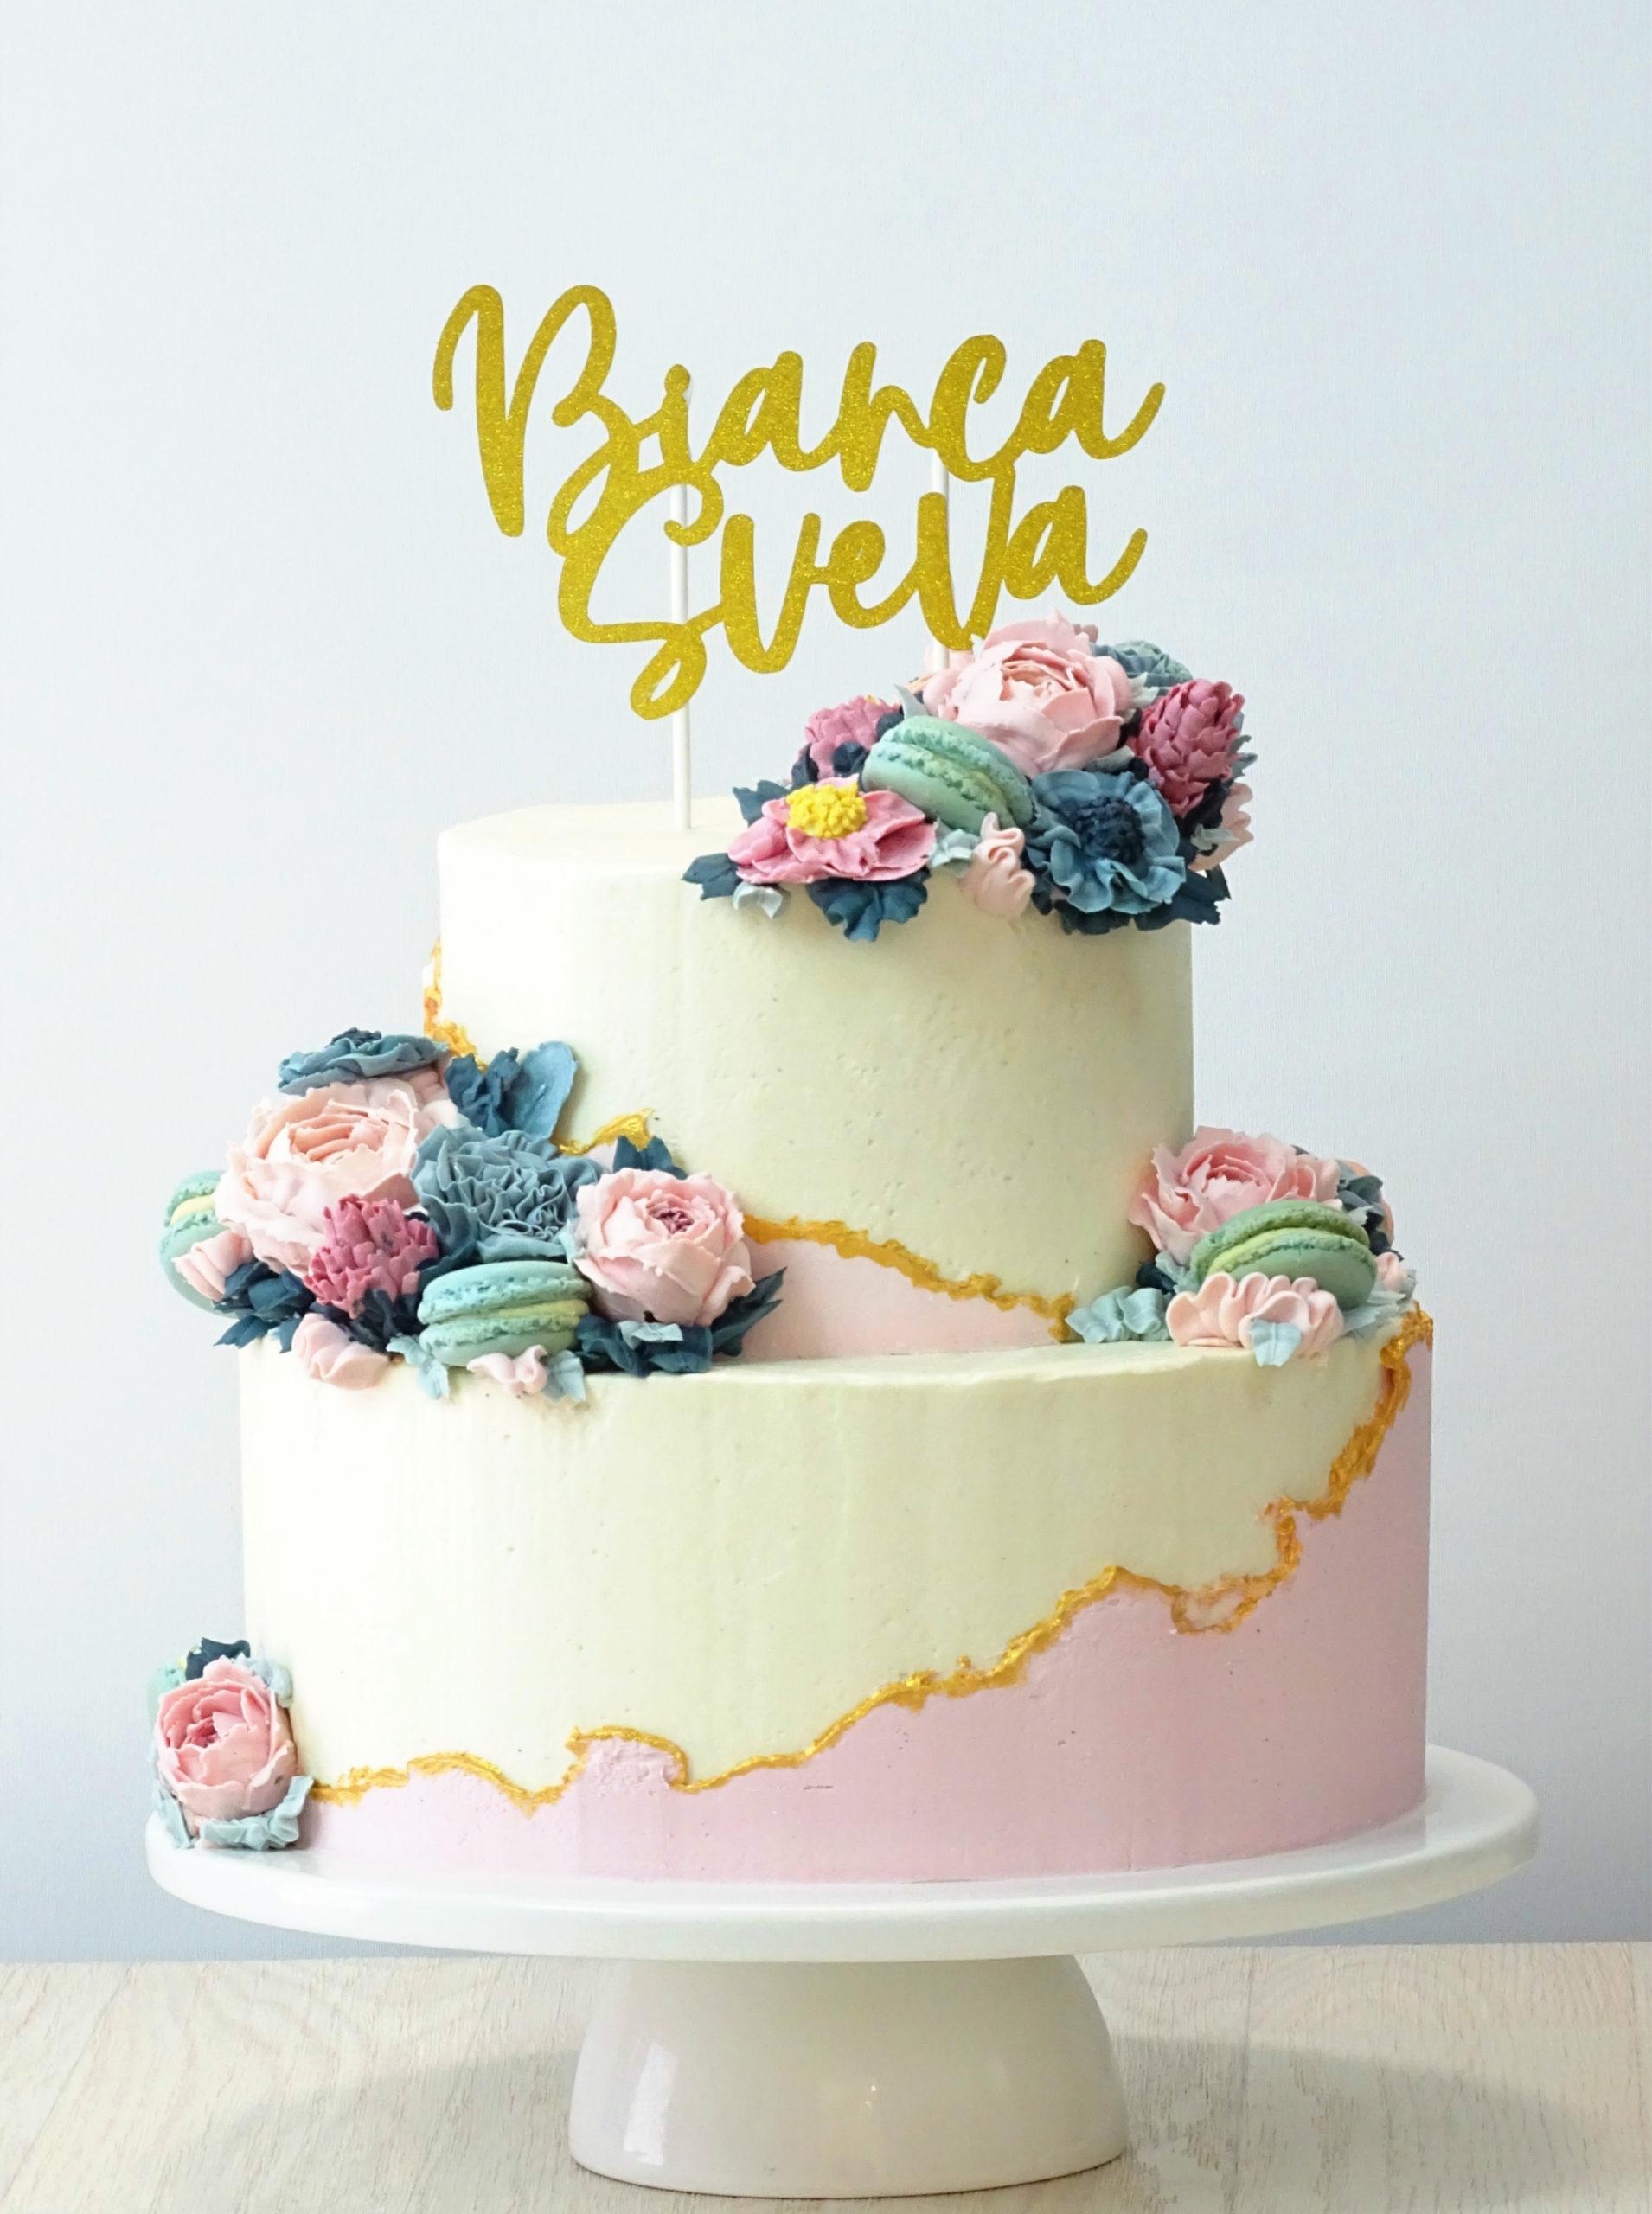 faulti linke cake bianca e rosa cn peonie fiori macaron